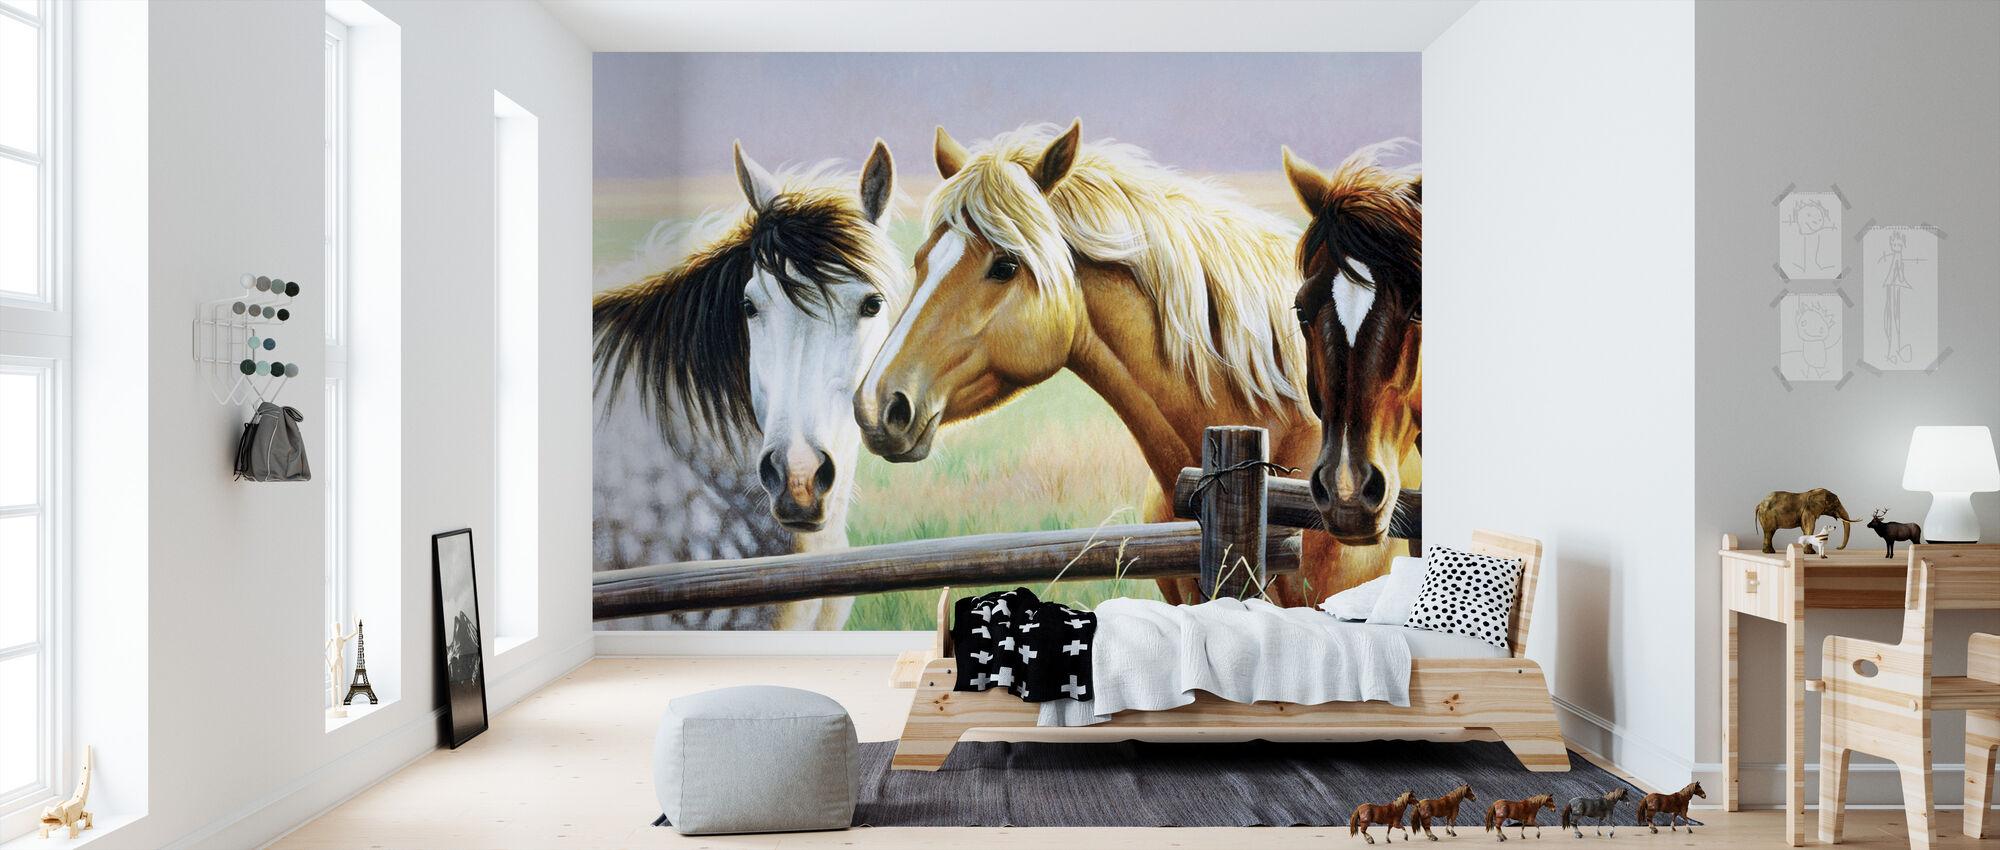 Tres caballos en la valla - Papel pintado - Cuarto de niños